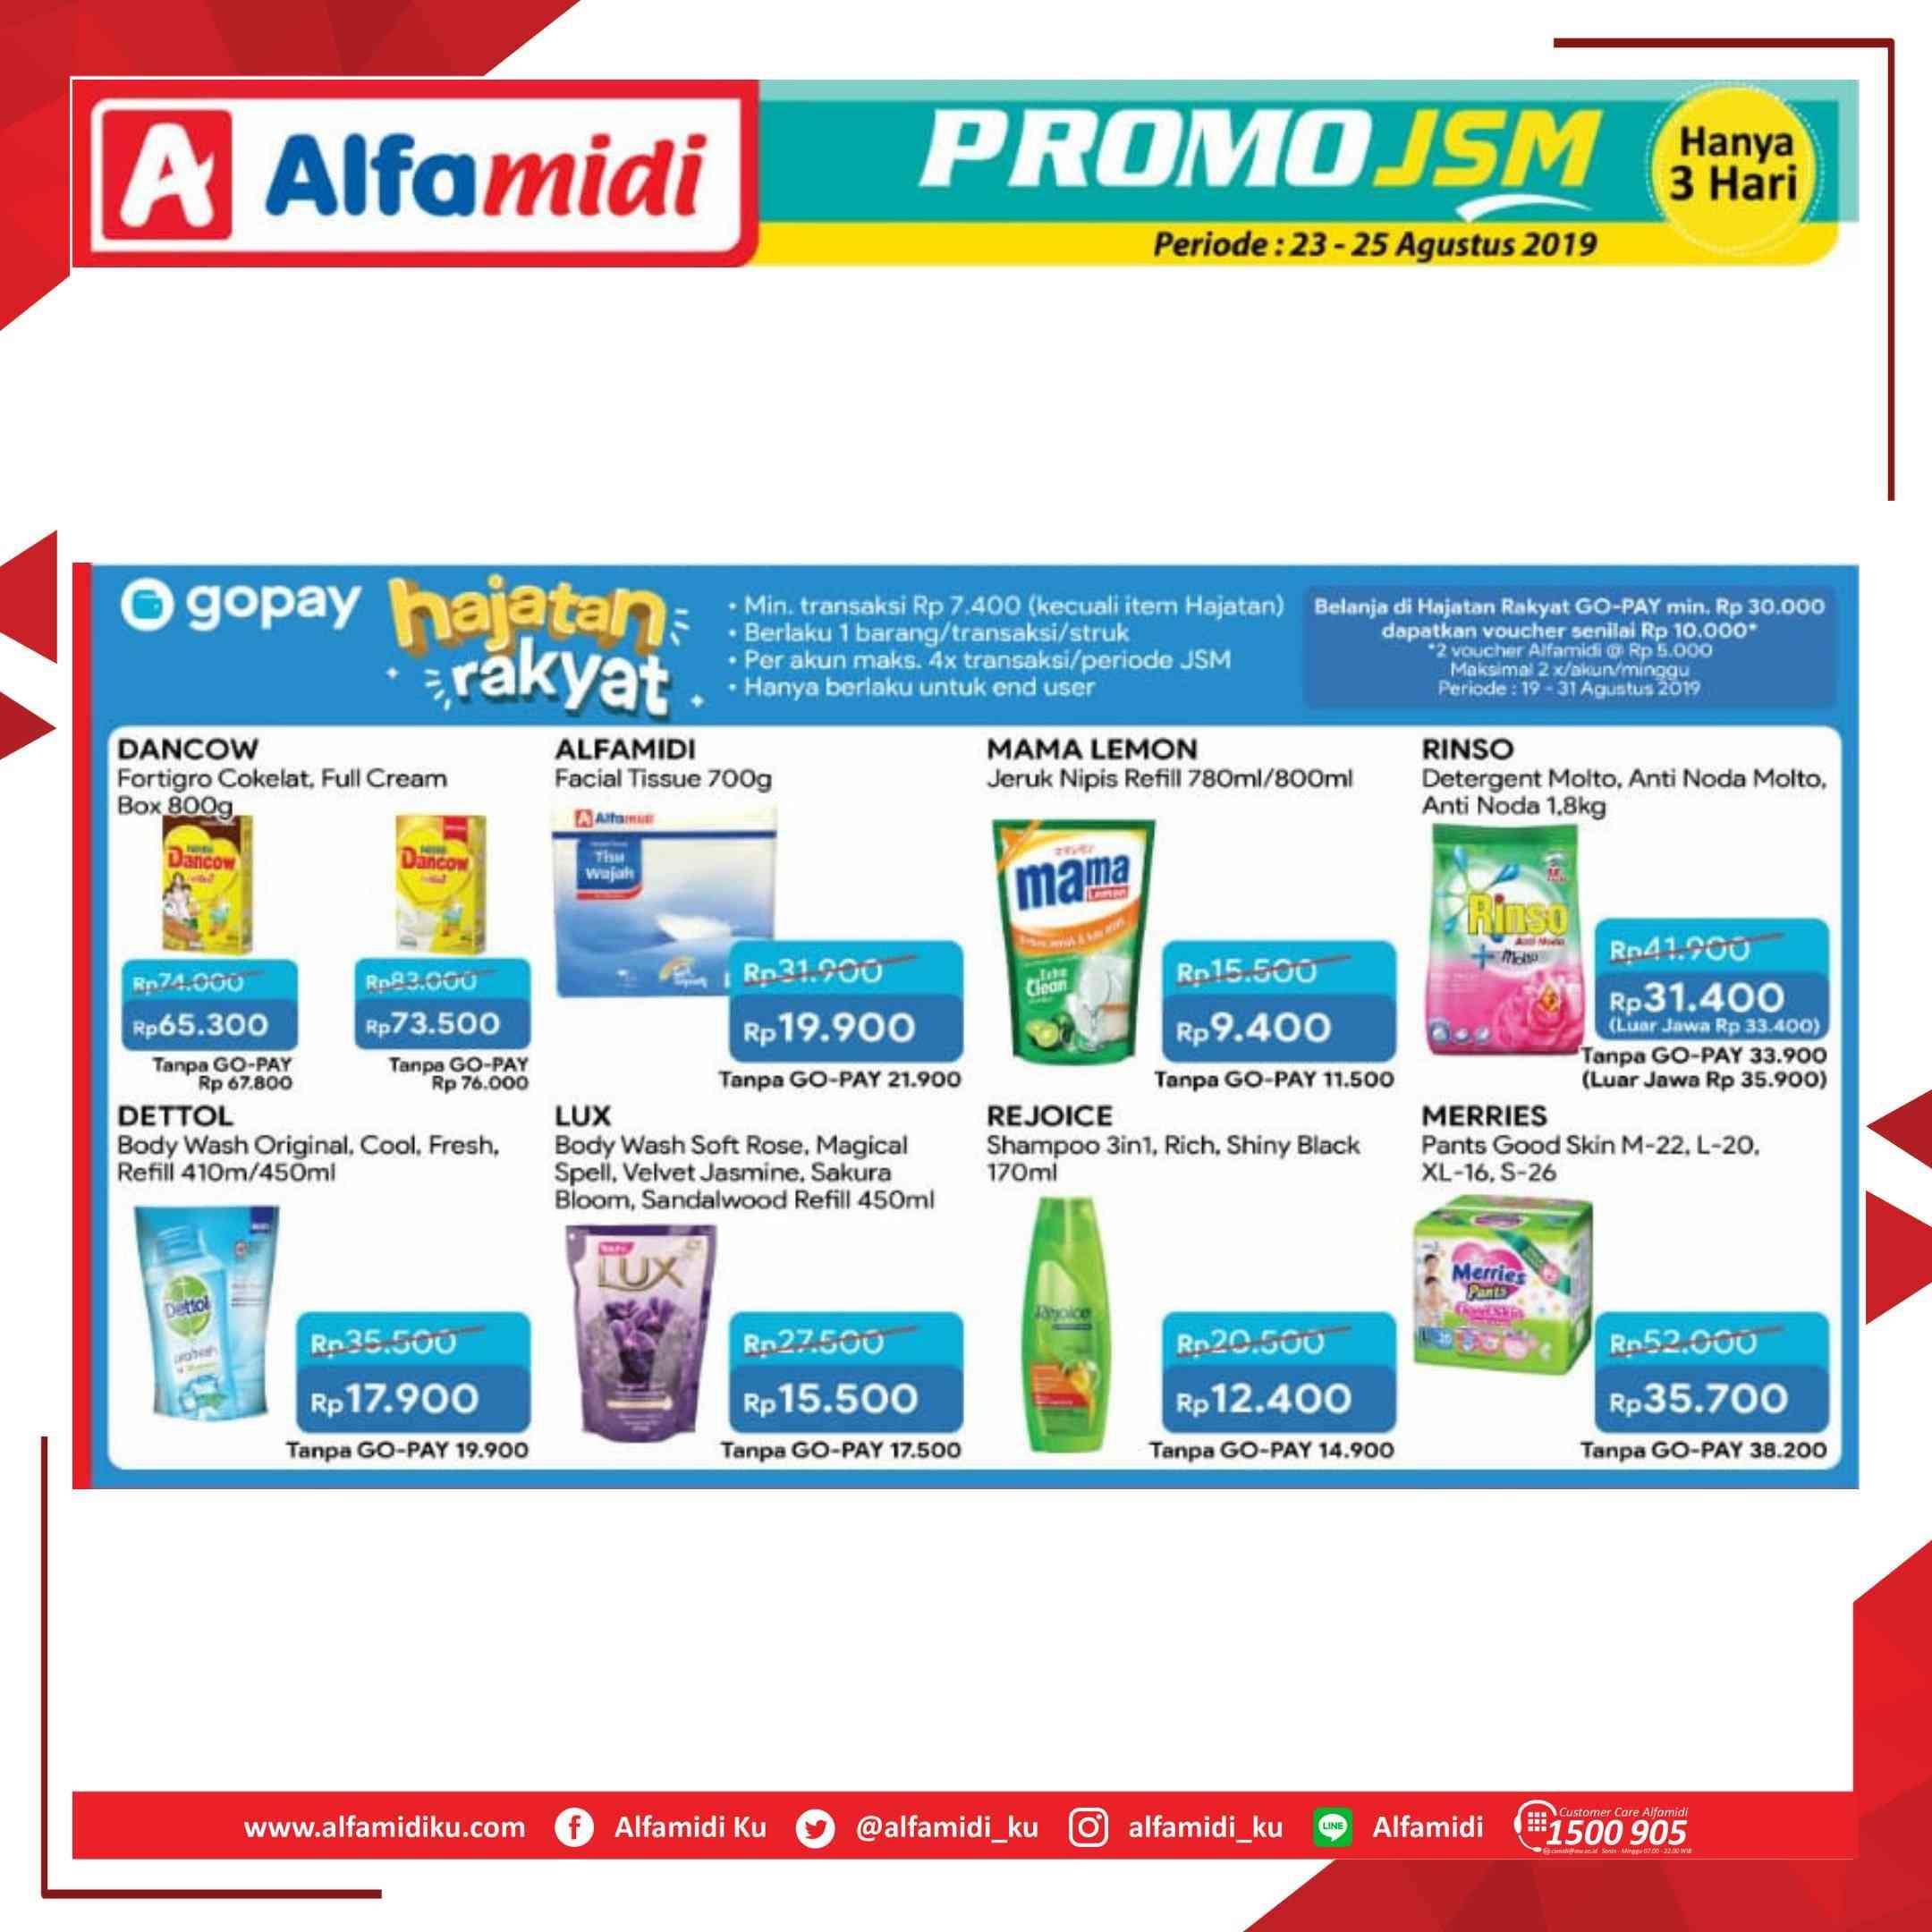 Promo diskon Katalog ALFAMIDI JSM (Jumat-Sabtu-Minggu) periode 23-25 Agustus 2019